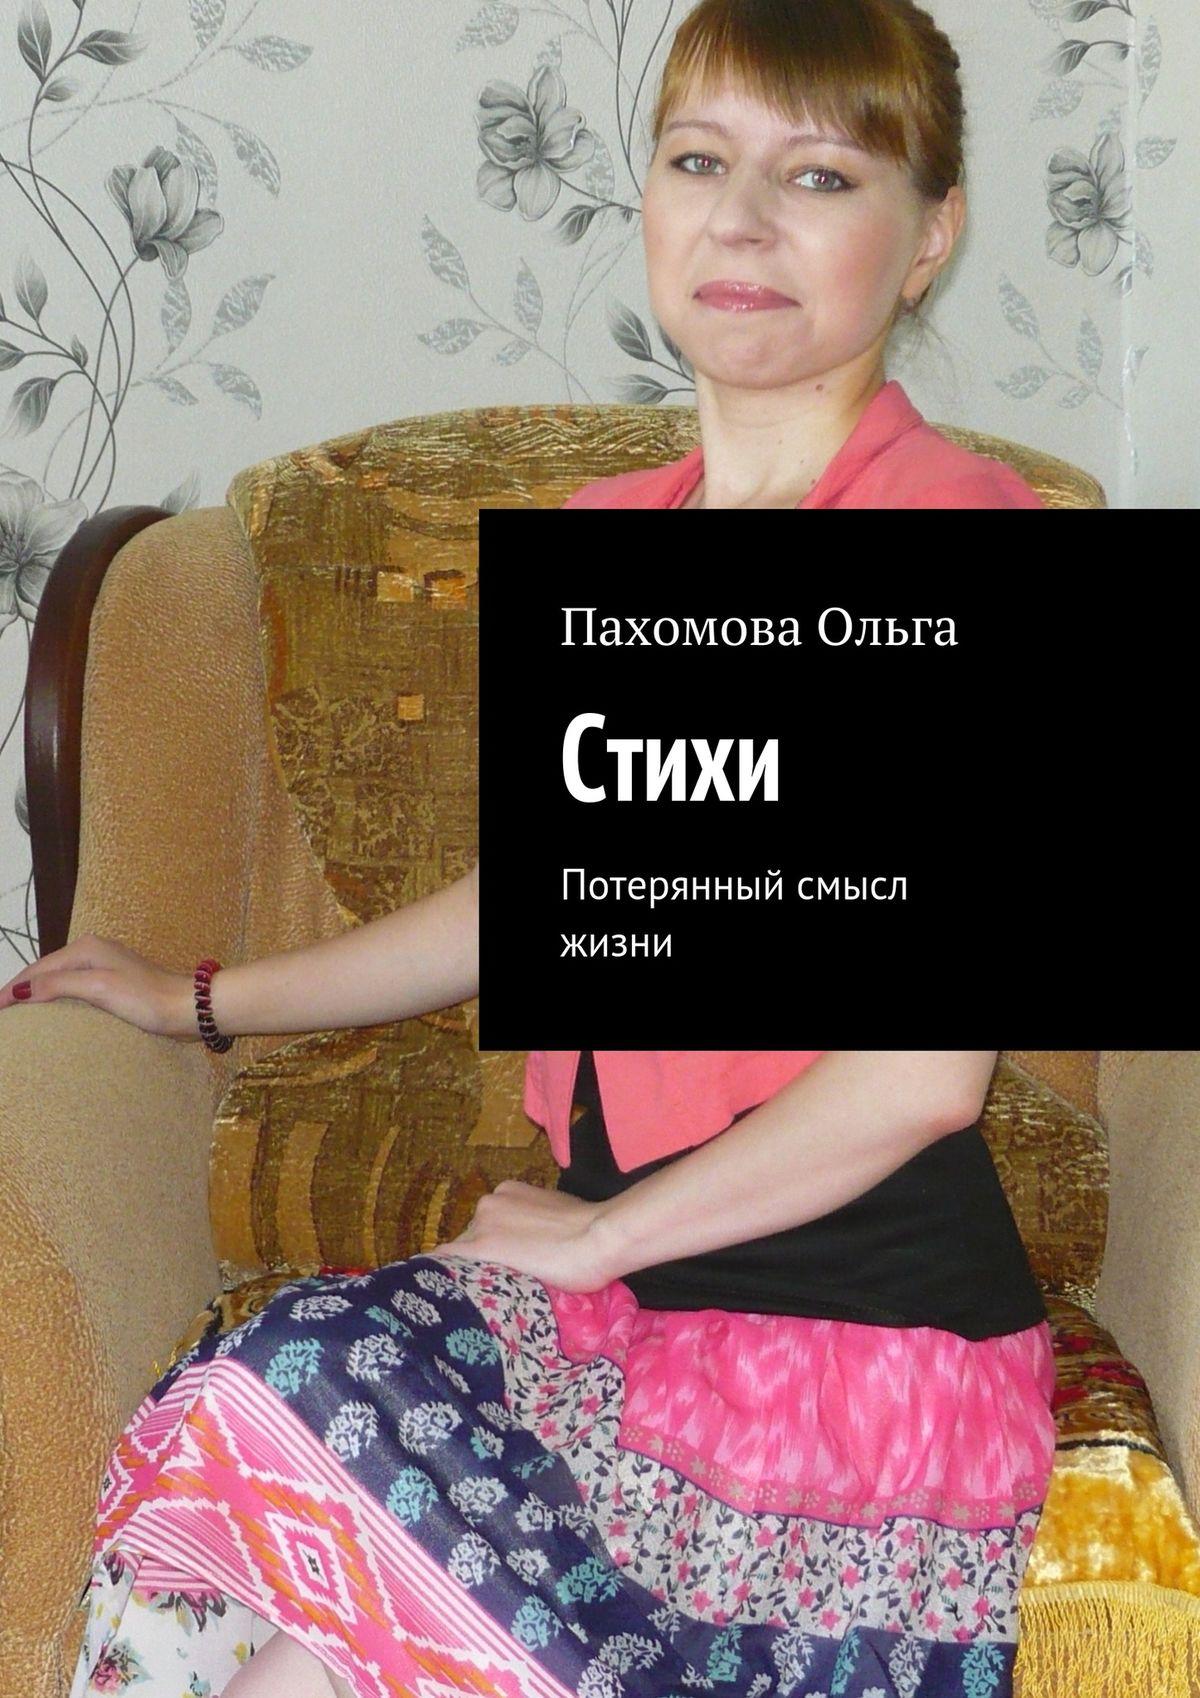 Ольга Ивановна Пахомова Стихи. Потерянный смысл жизни